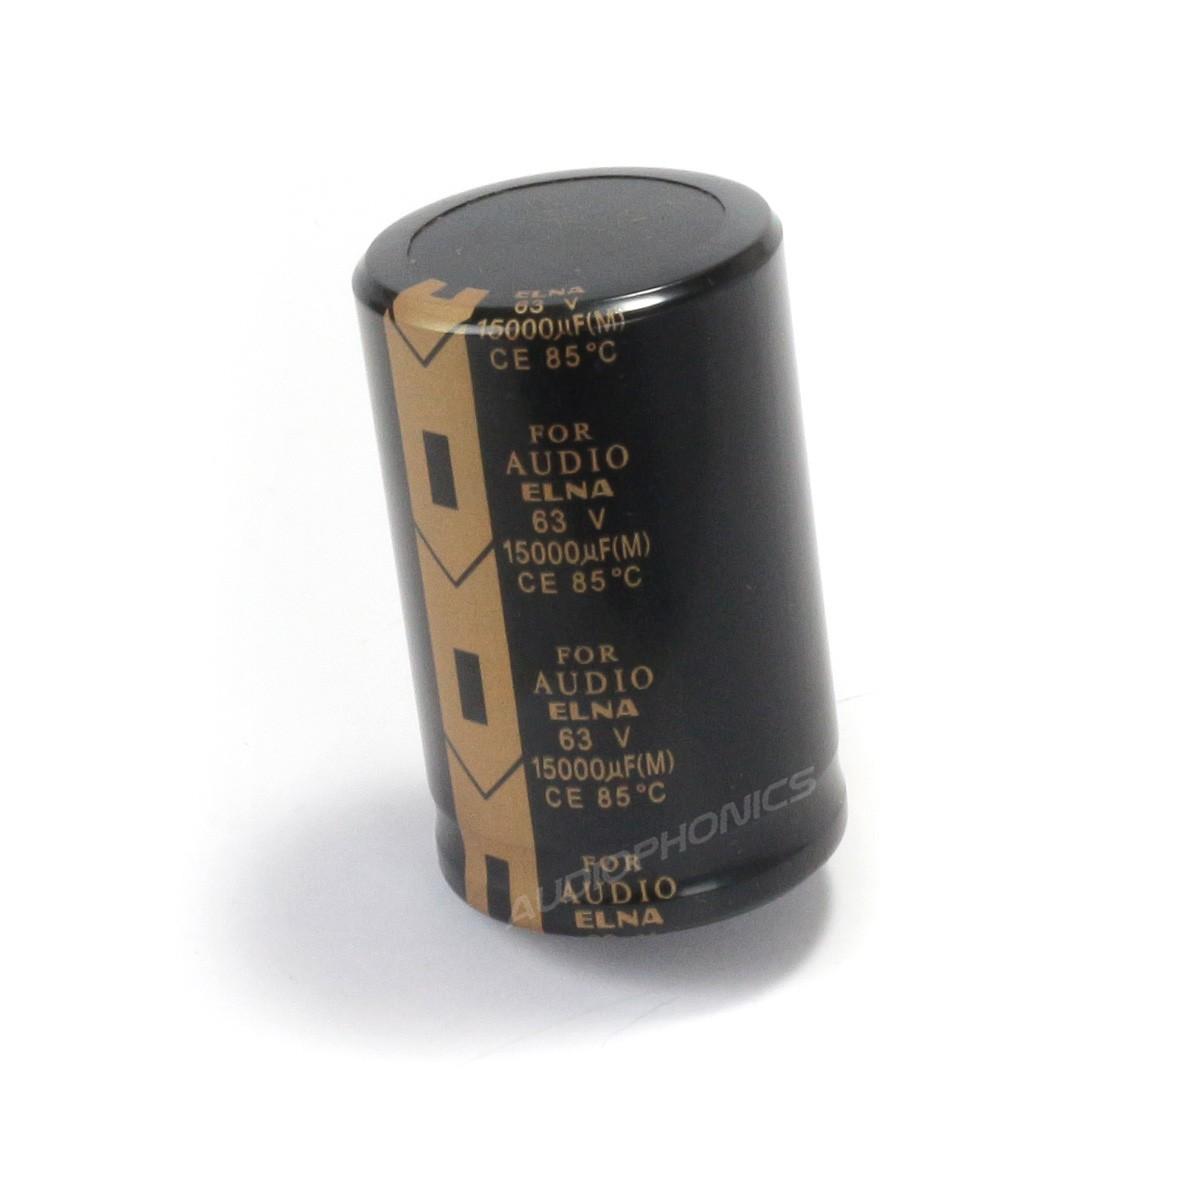 ELNA Condensateur Électrolytique Hautes Performances 63V 15000µF